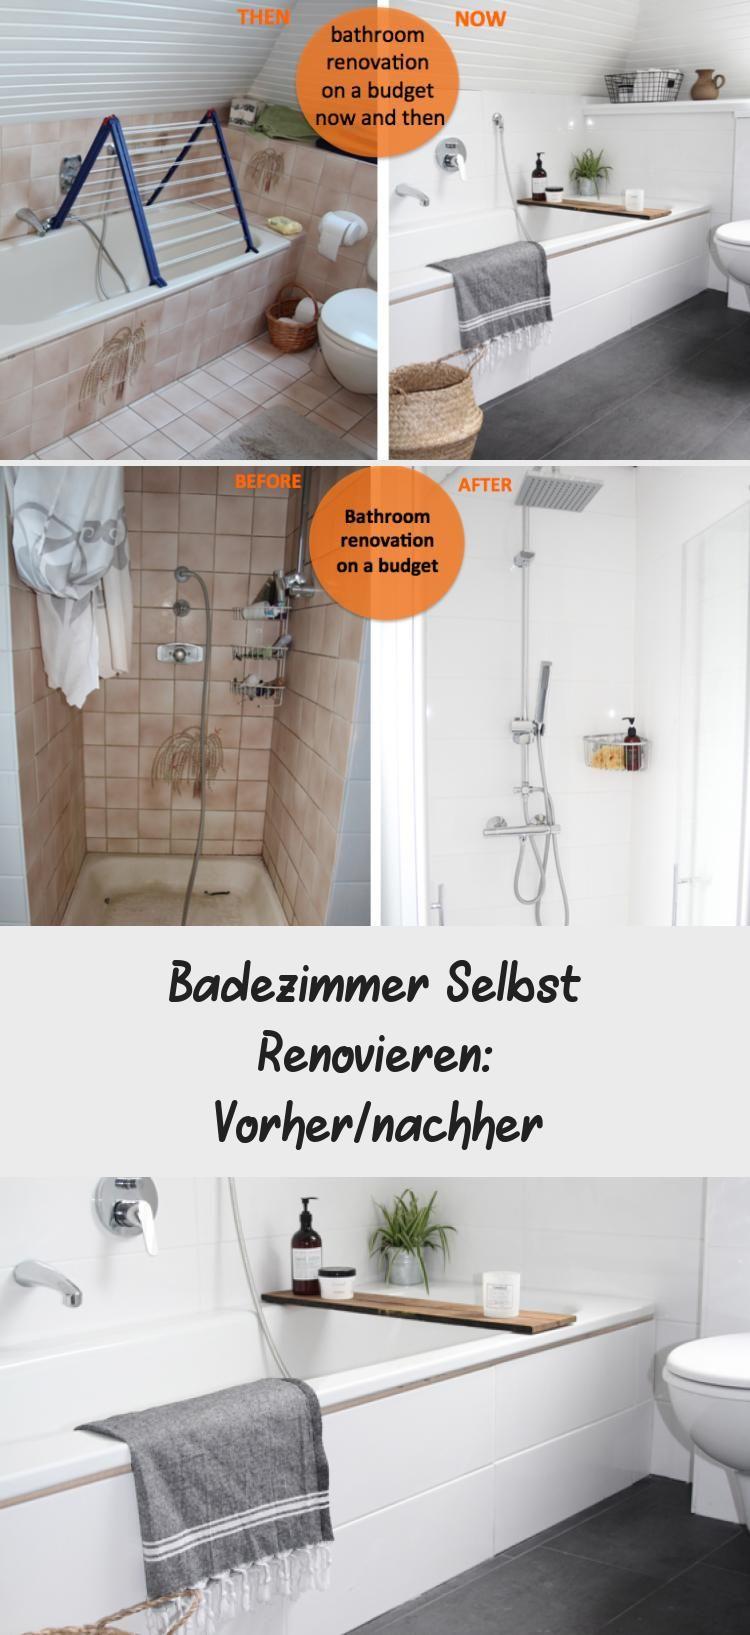 Badezimmer Selbst Renovieren Vorher Nachher Bathrooms Remodel Bathroom Renovation Bathroom Plumbing